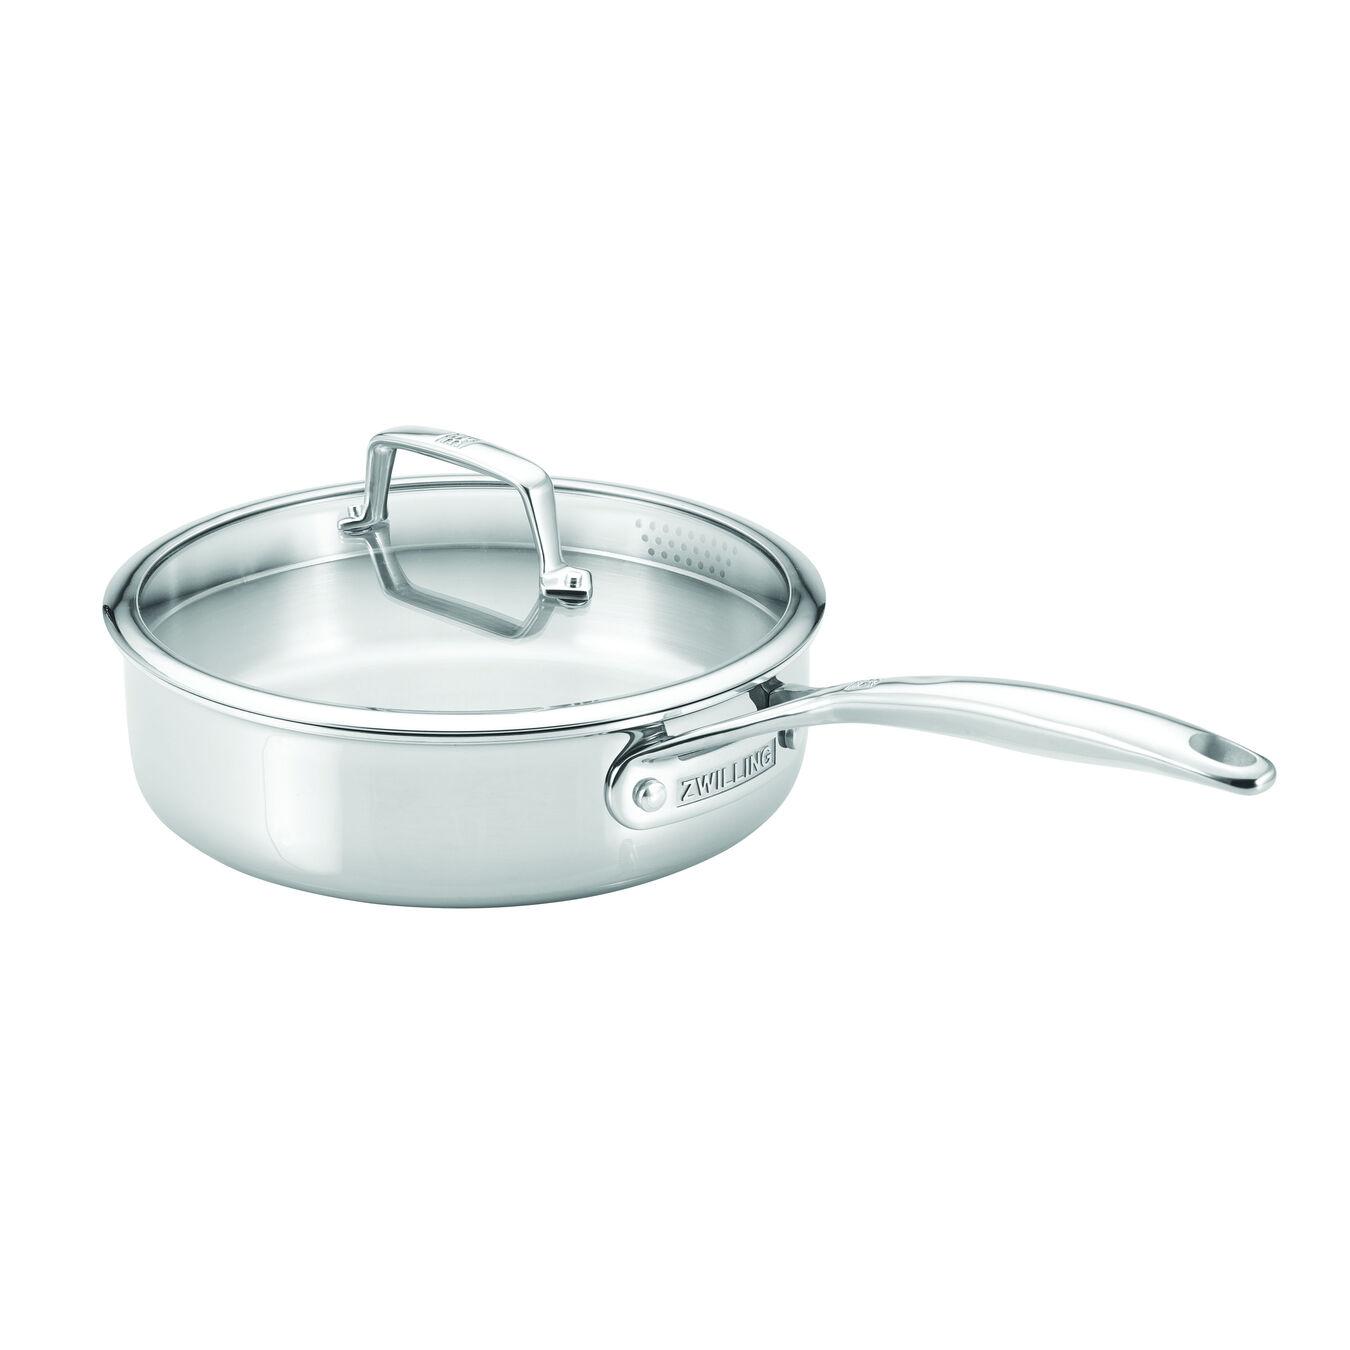 24 cm Saute pan,,large 1